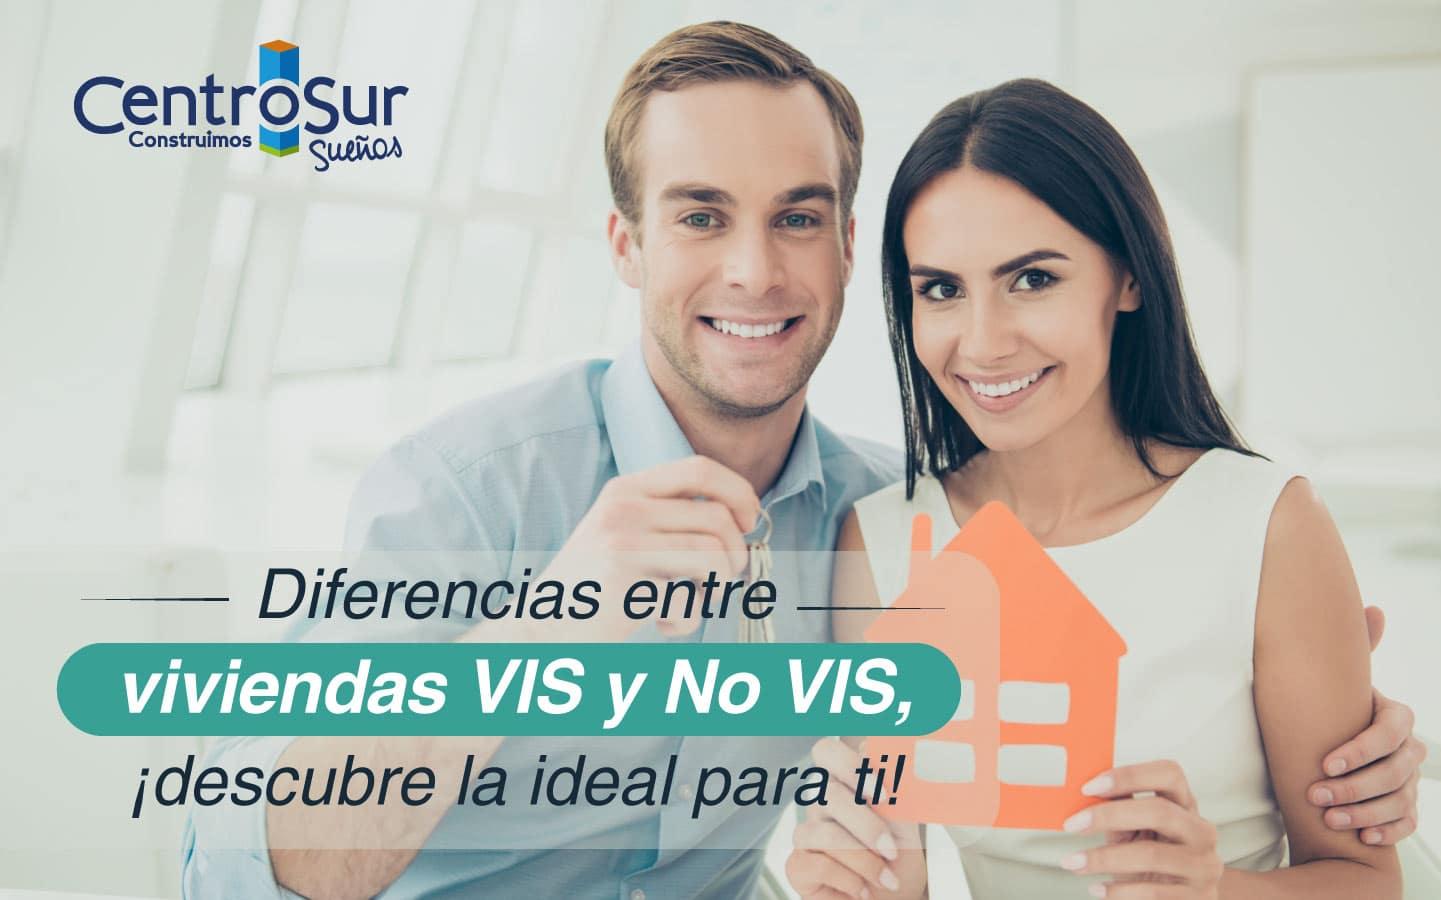 Diferencias entre viviendas VIS y No VIS, ¡descubre la ideal para ti!